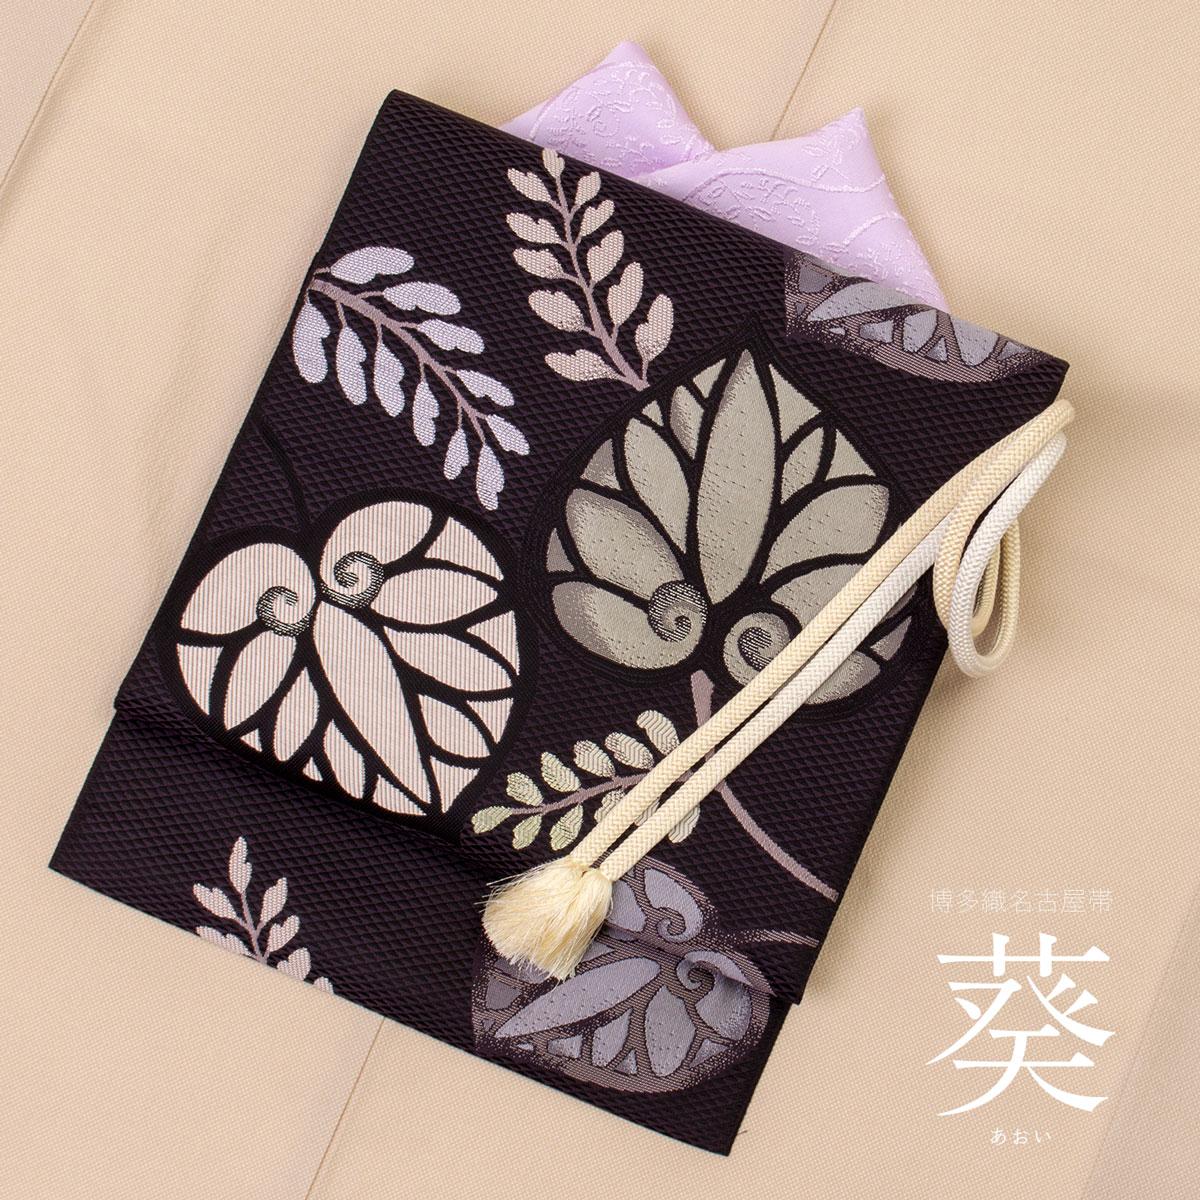 着物屋くるり  博多織名古屋帯 【葵】